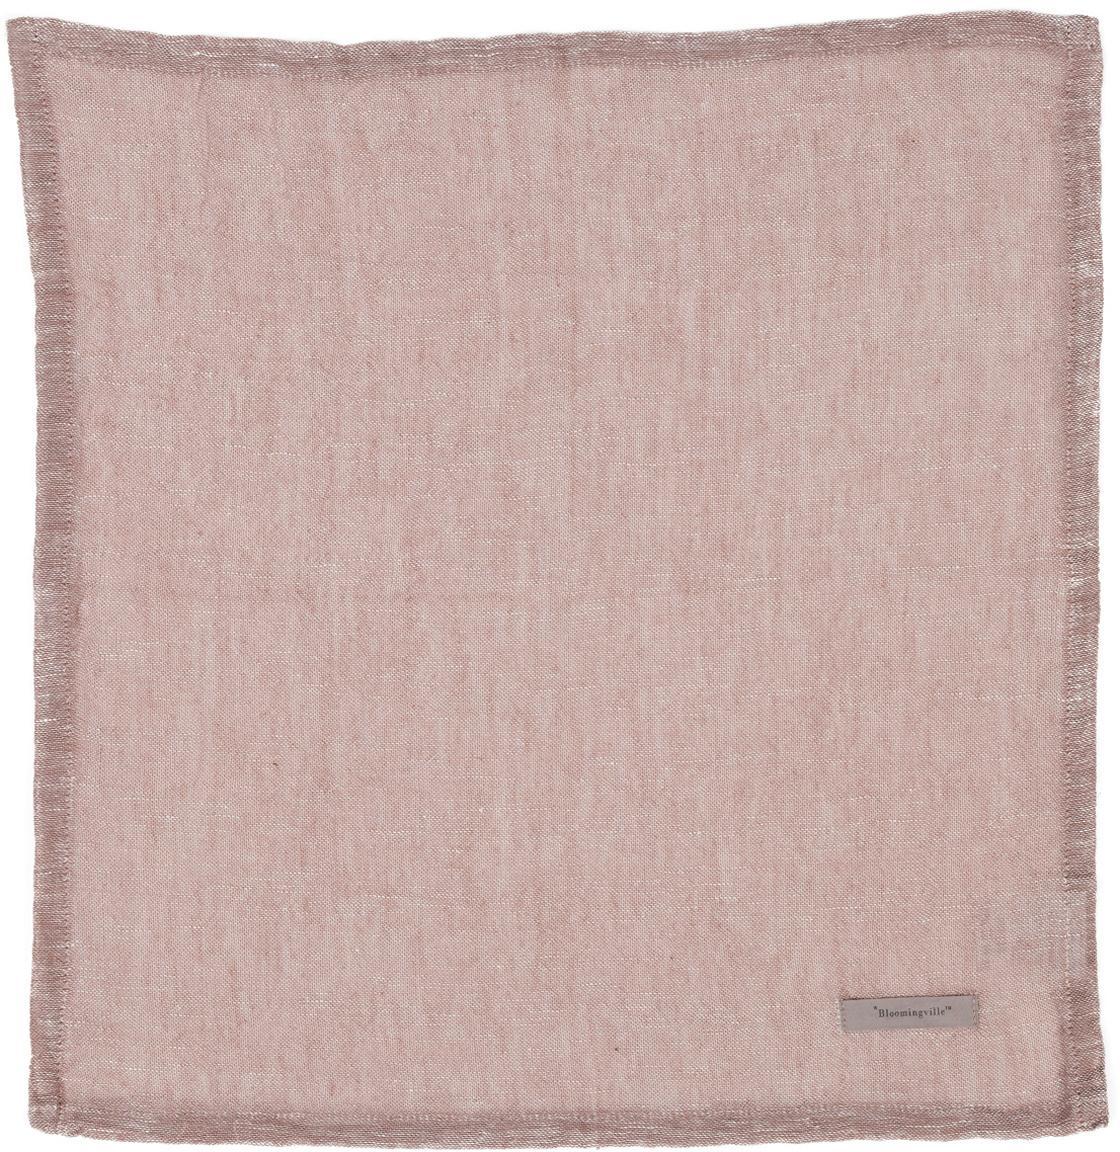 Serwetka z tkaniny Kinia, 4 szt., 55% bawełna, 45% len, Brudny różowy, S 45 x D 45 cm